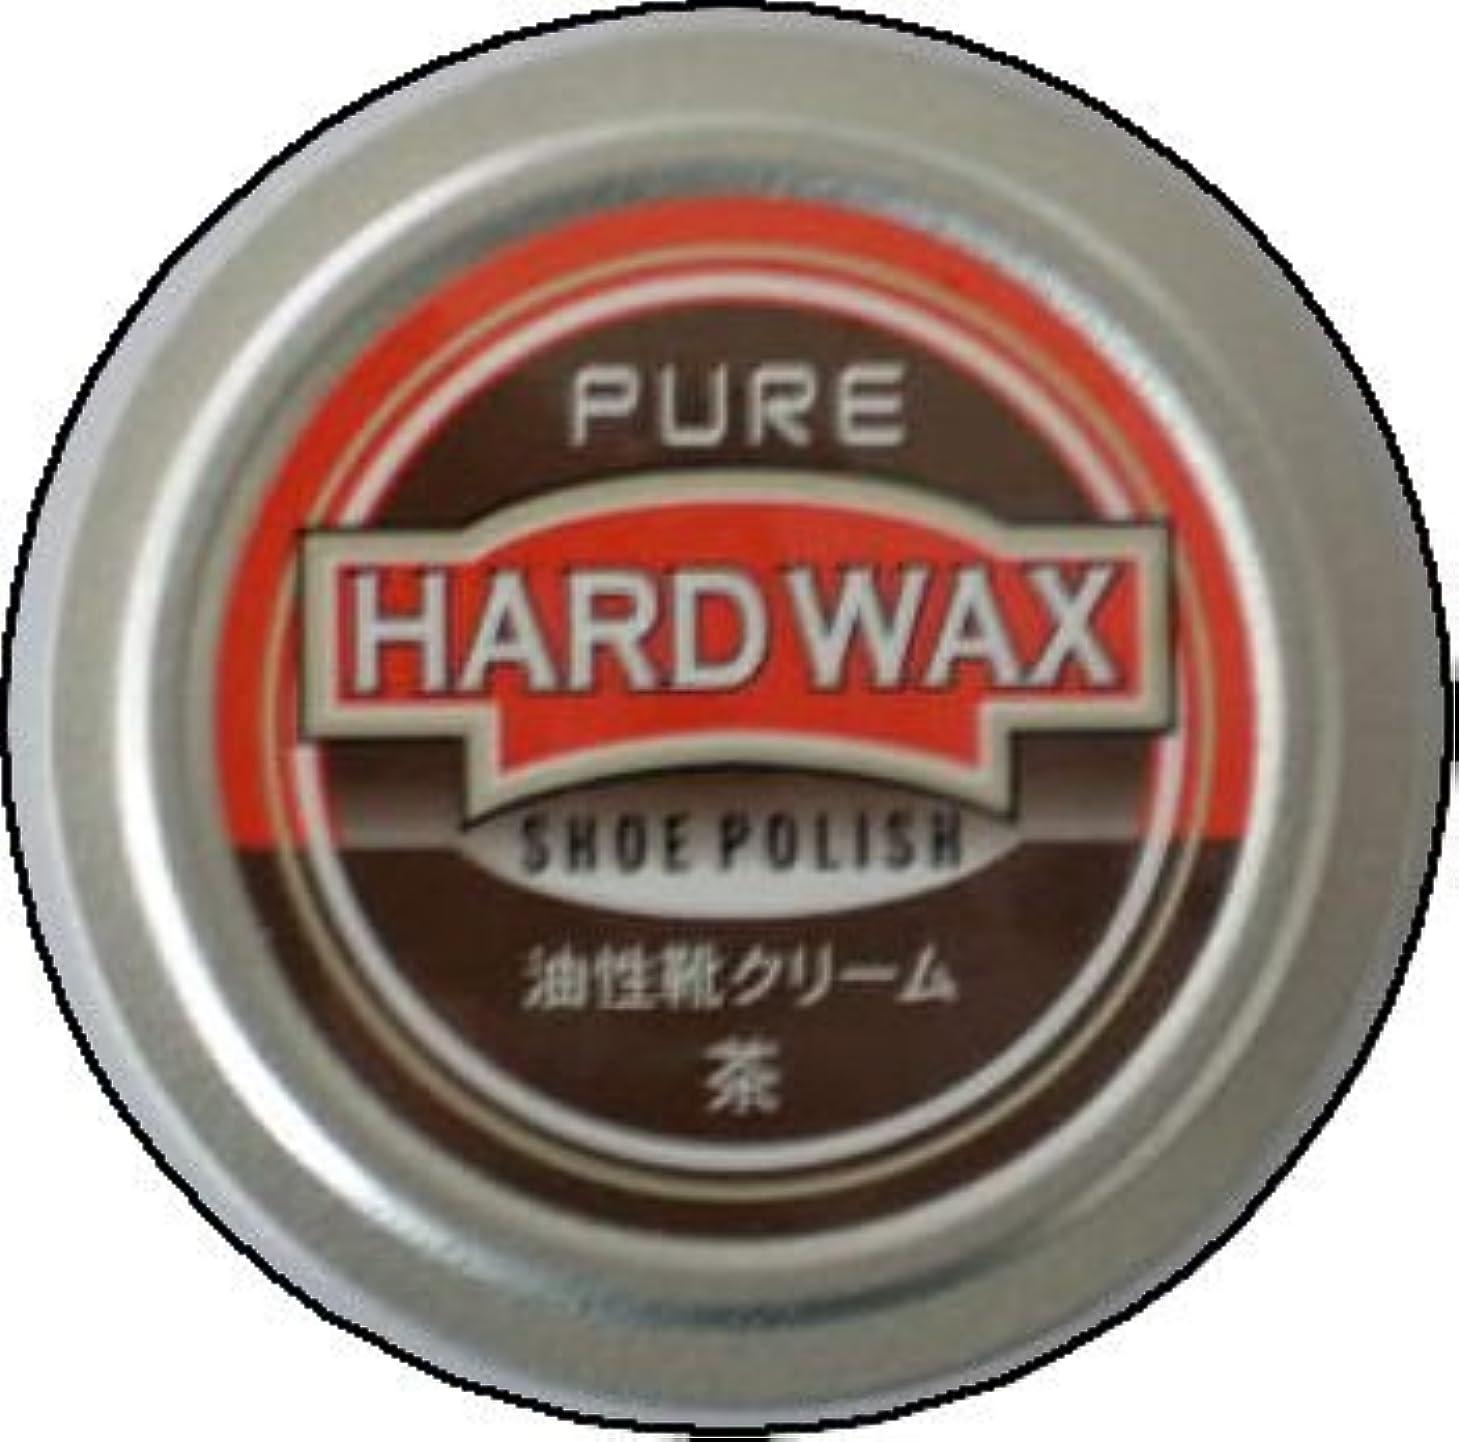 近くインデックスヘッドレスライオン ピュア ハードワックス 中缶 50ml (茶)